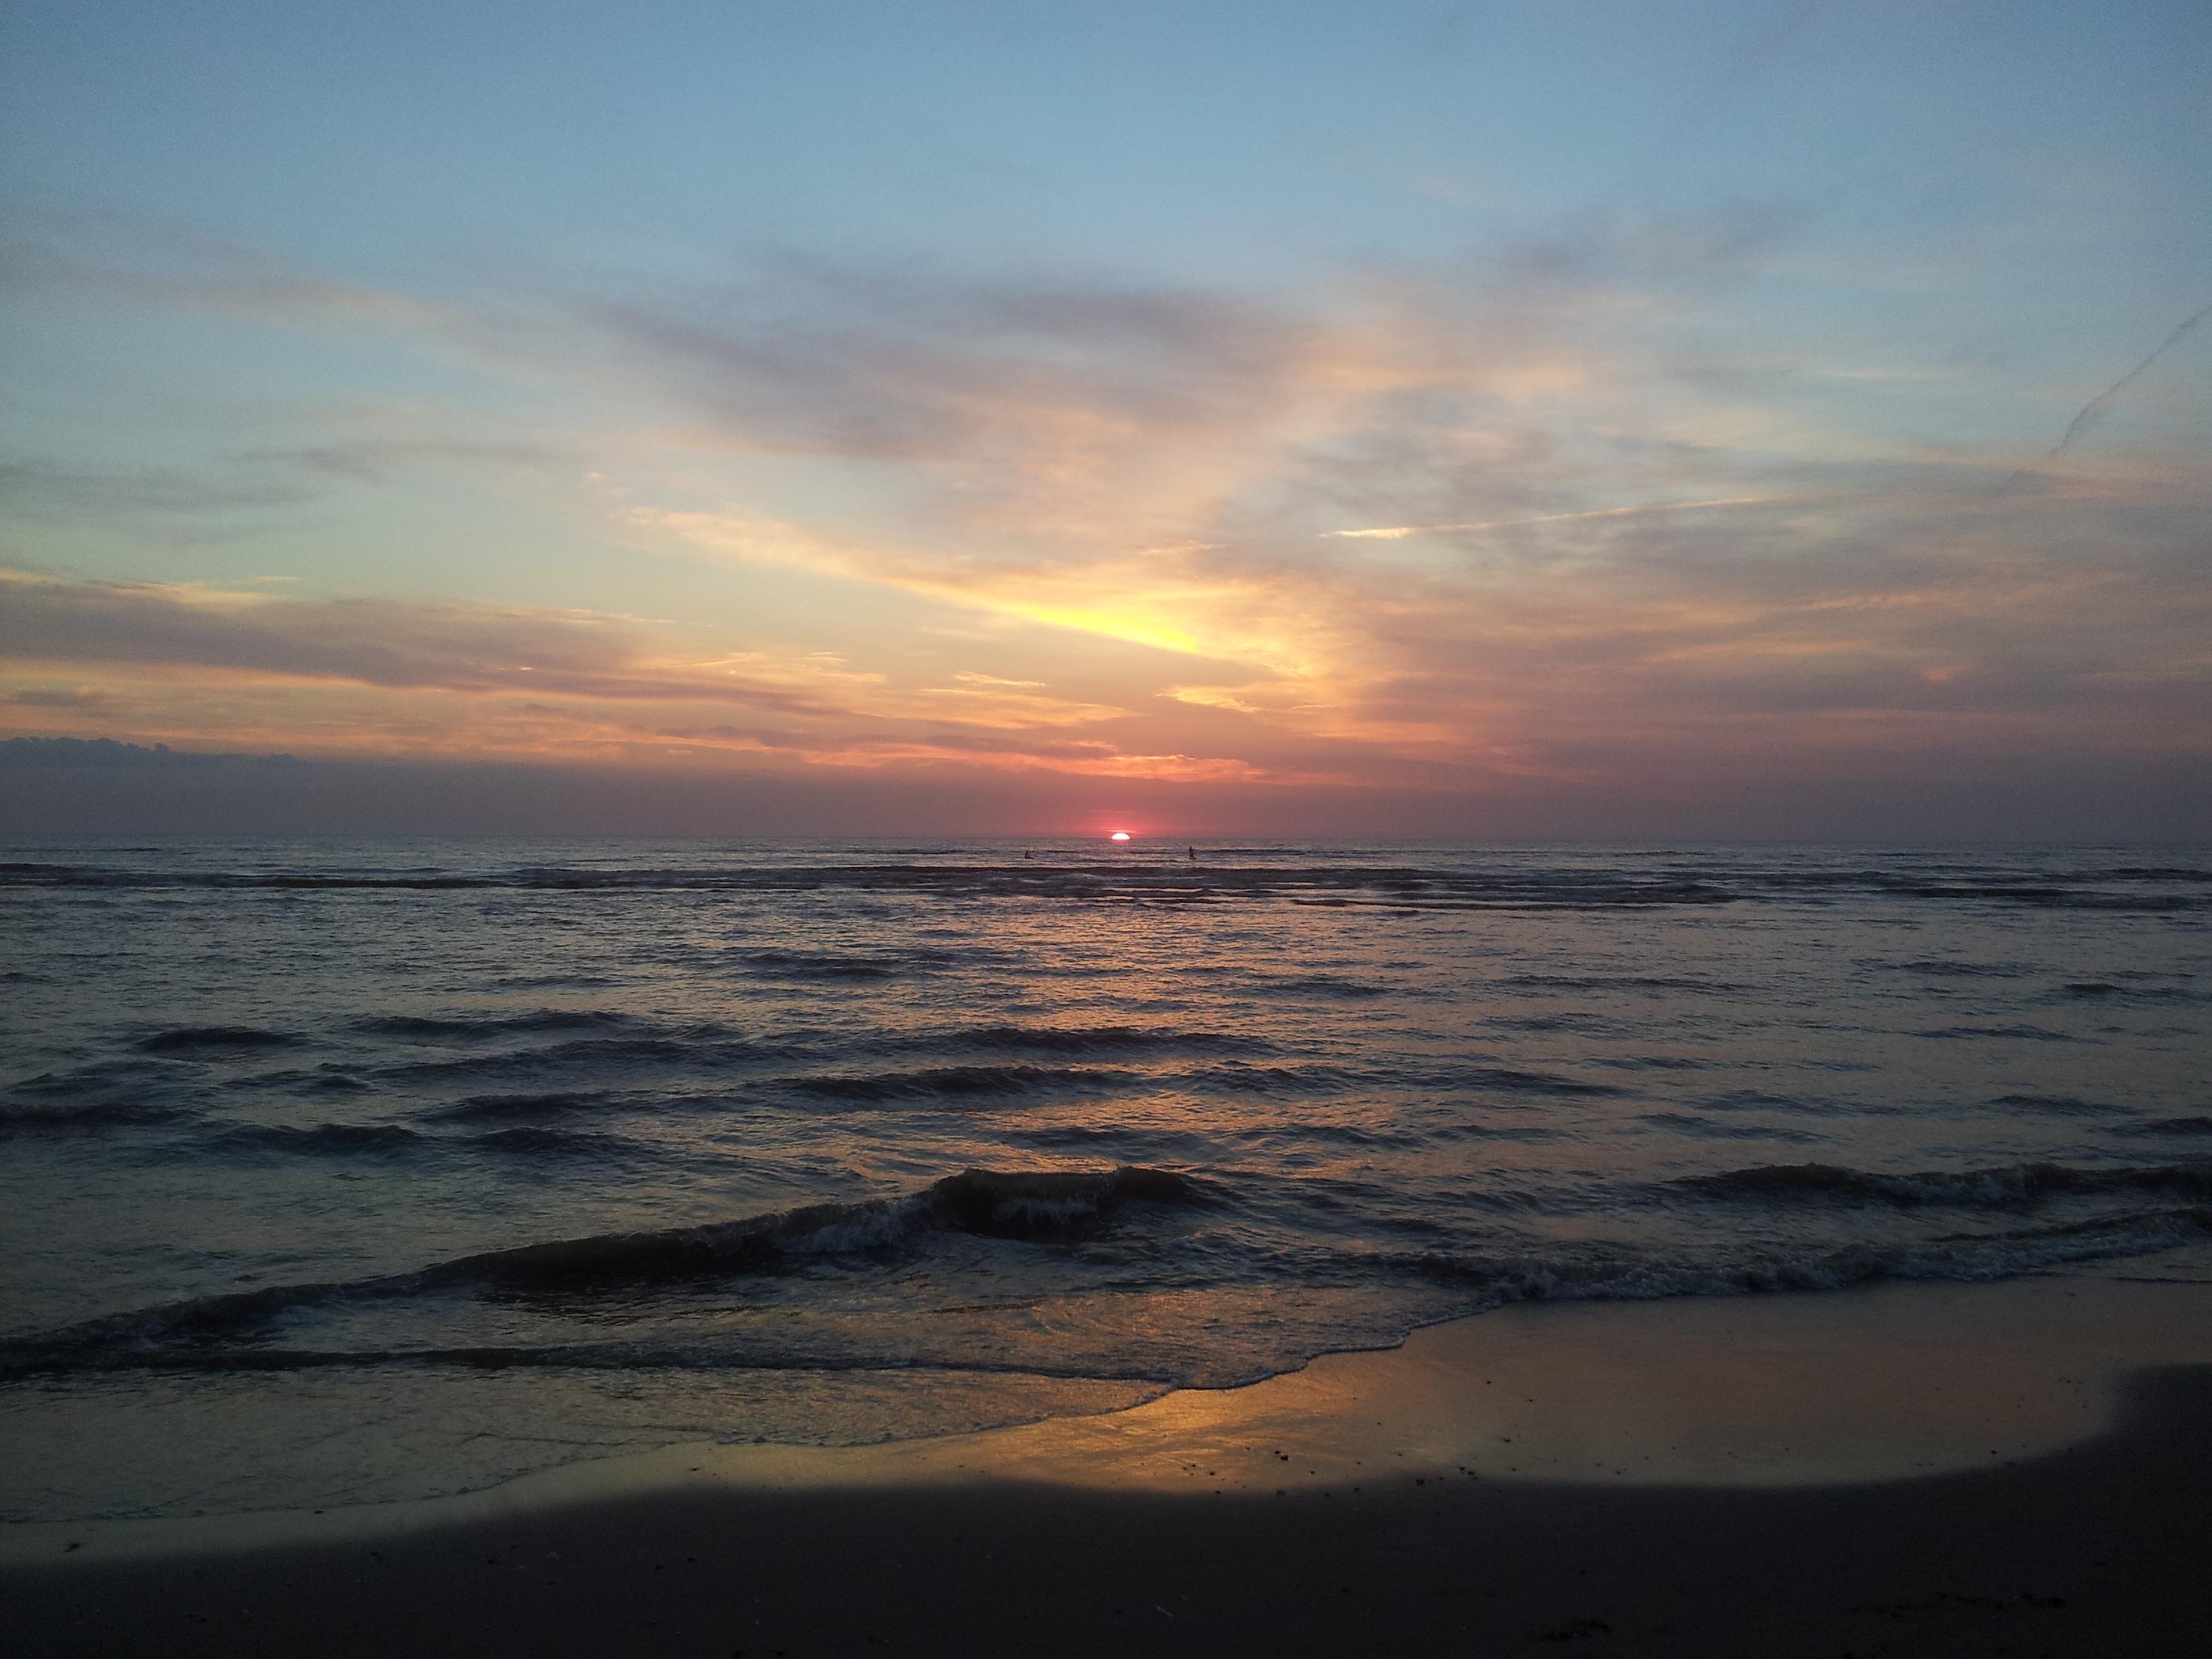 0412 Sonnenuntergang in Zandvoort - Der Yorkshire Terrier Blog